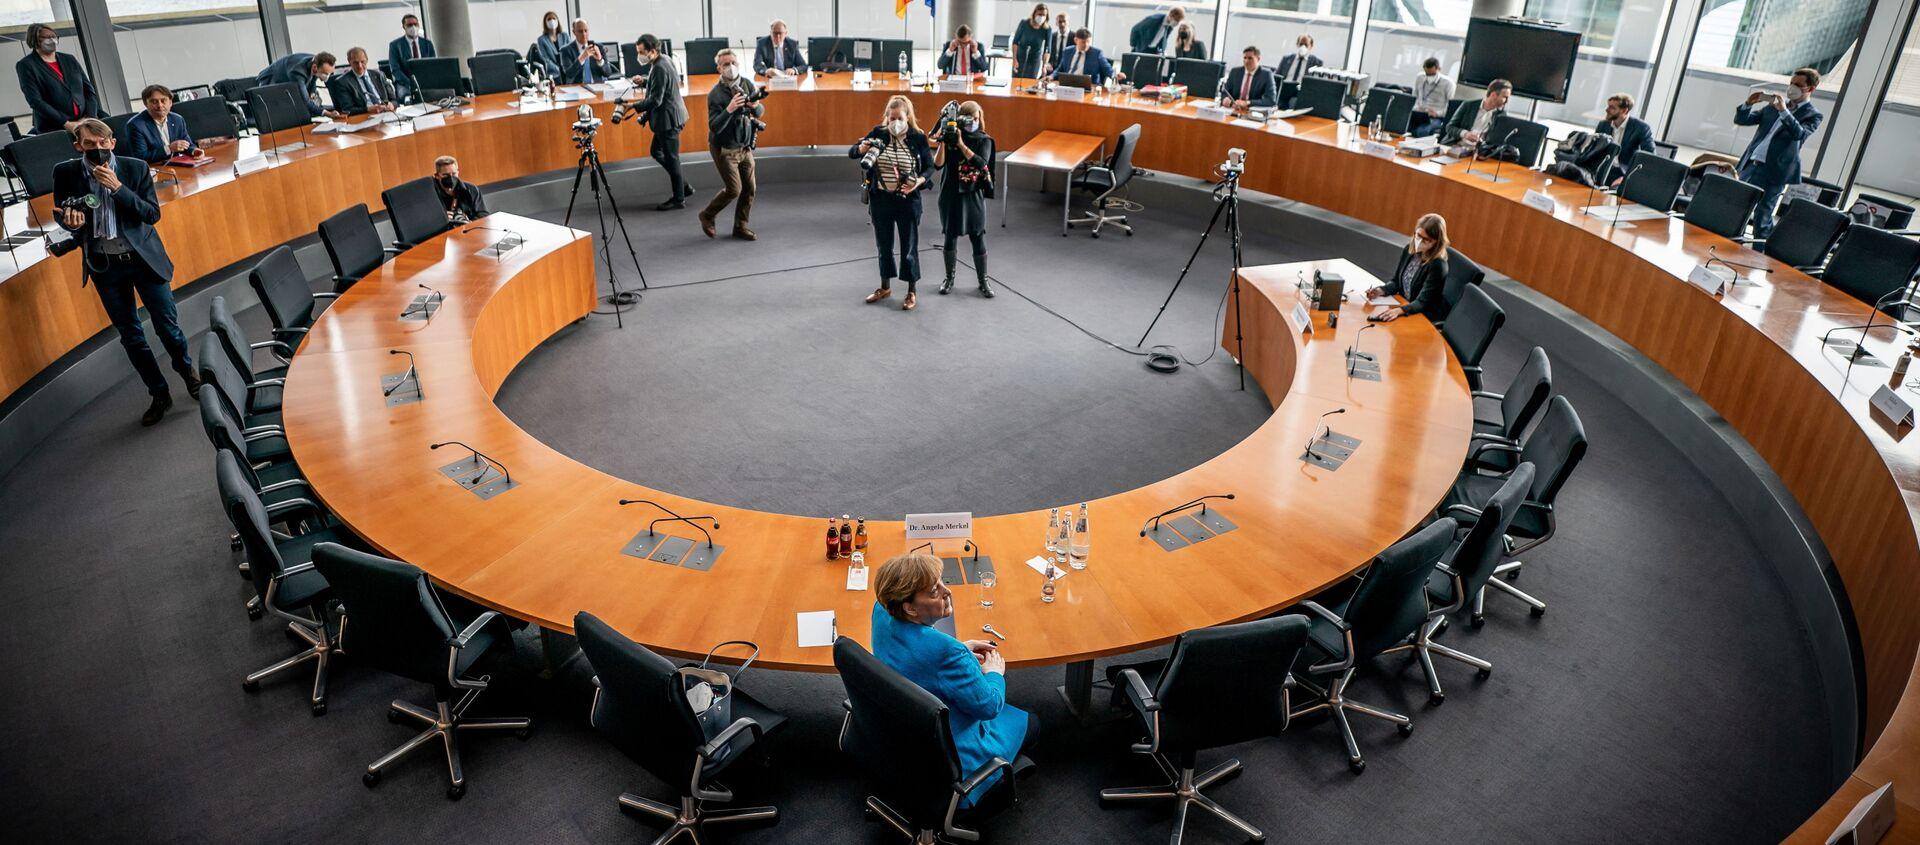 Almanya'da Wirecard skandalıyla ilgili kurulan Federal Meclis Araştırma Komisyonu'nda Başbakan Angela Merkel ifade verdi. - Sputnik Türkiye, 1920, 23.04.2021